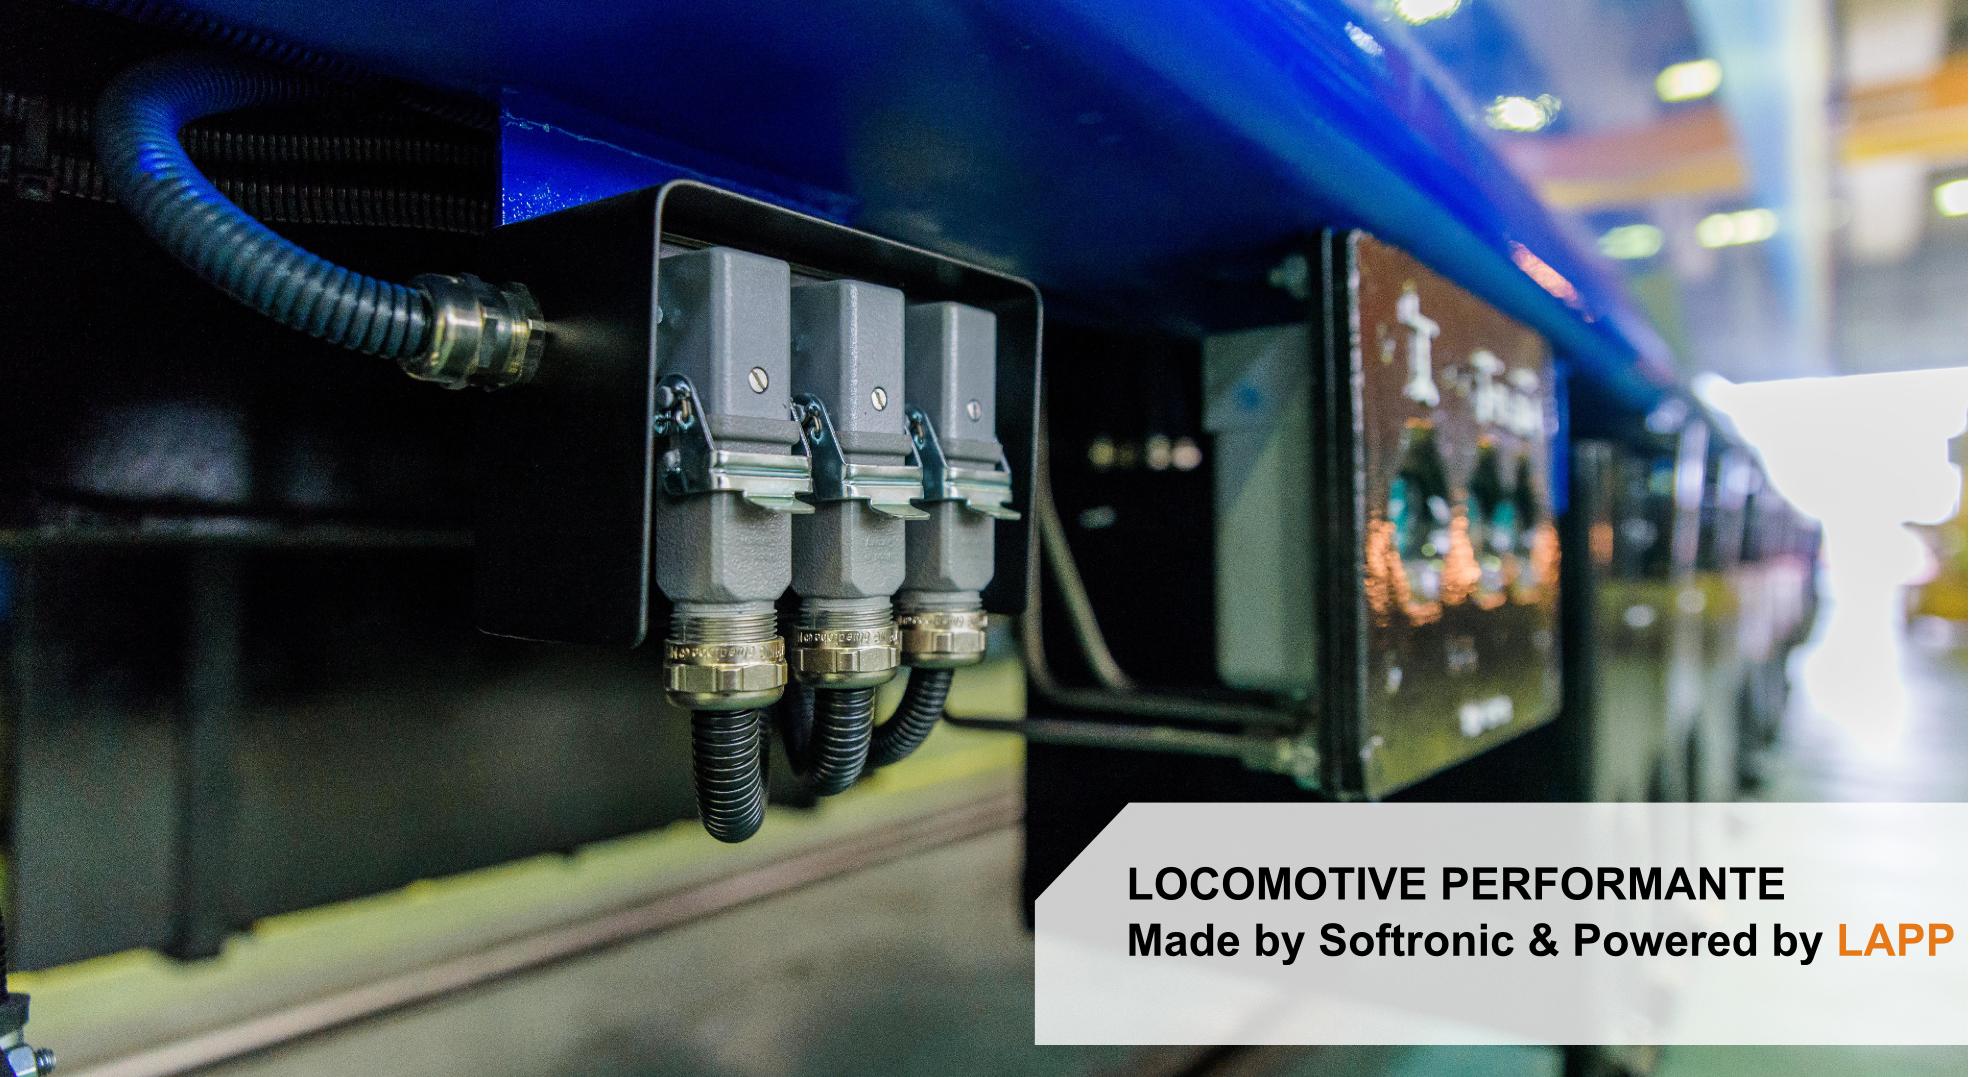 Softronic-tren-locomotiva-conectori-cabluri